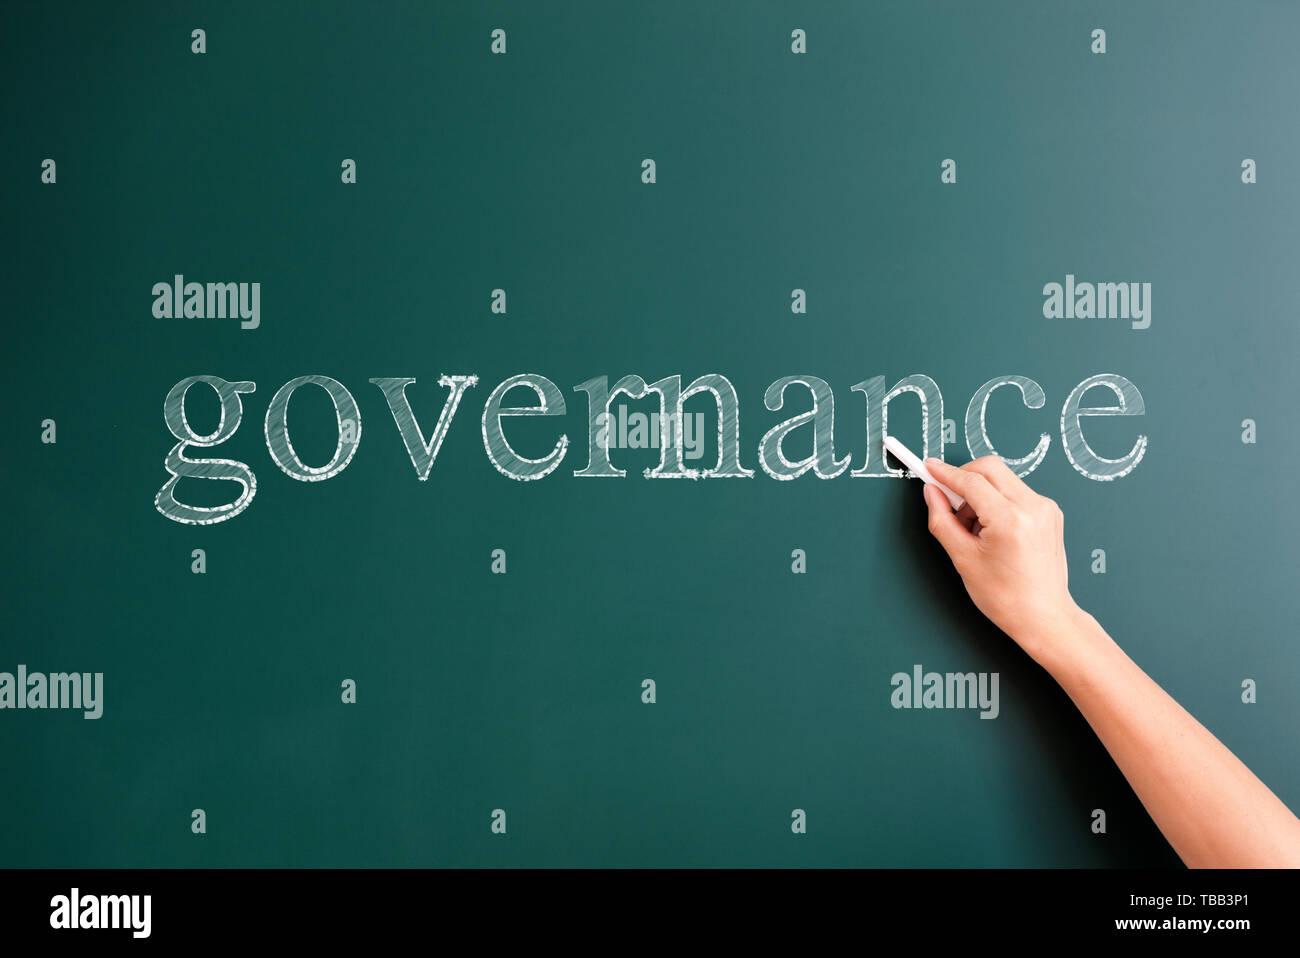 governance written on blackboard - Stock Image